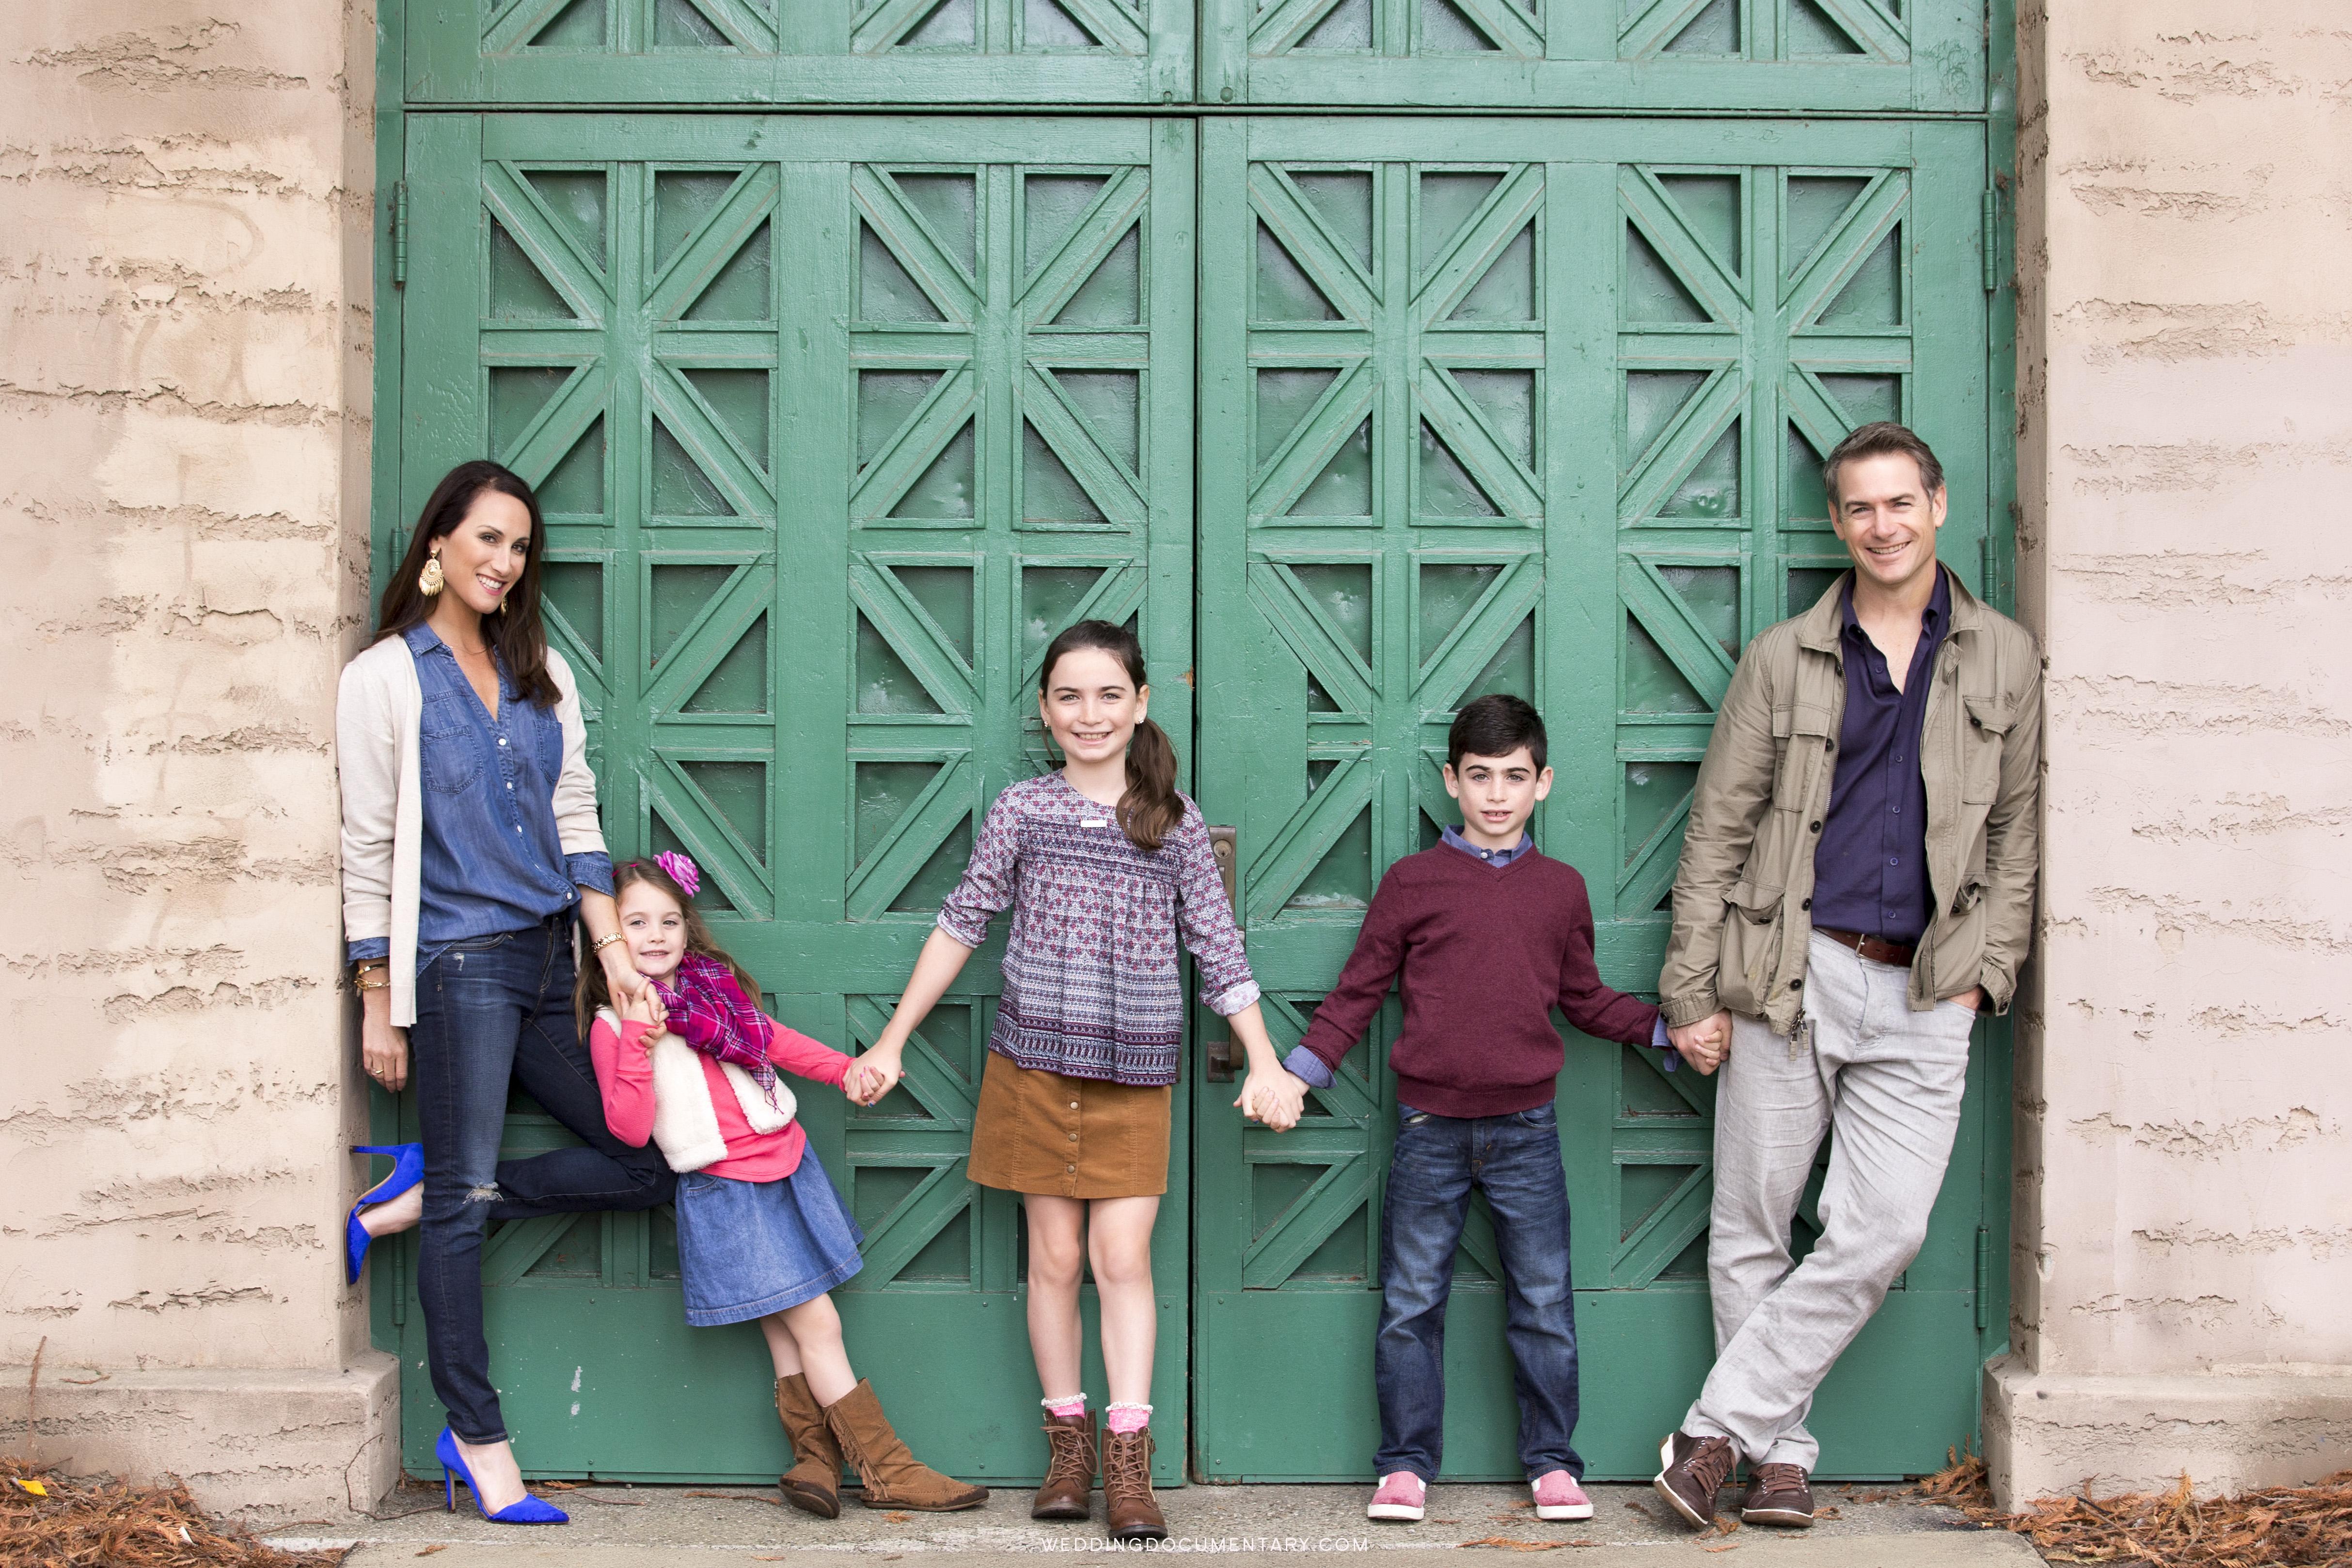 The Ginocchio Family